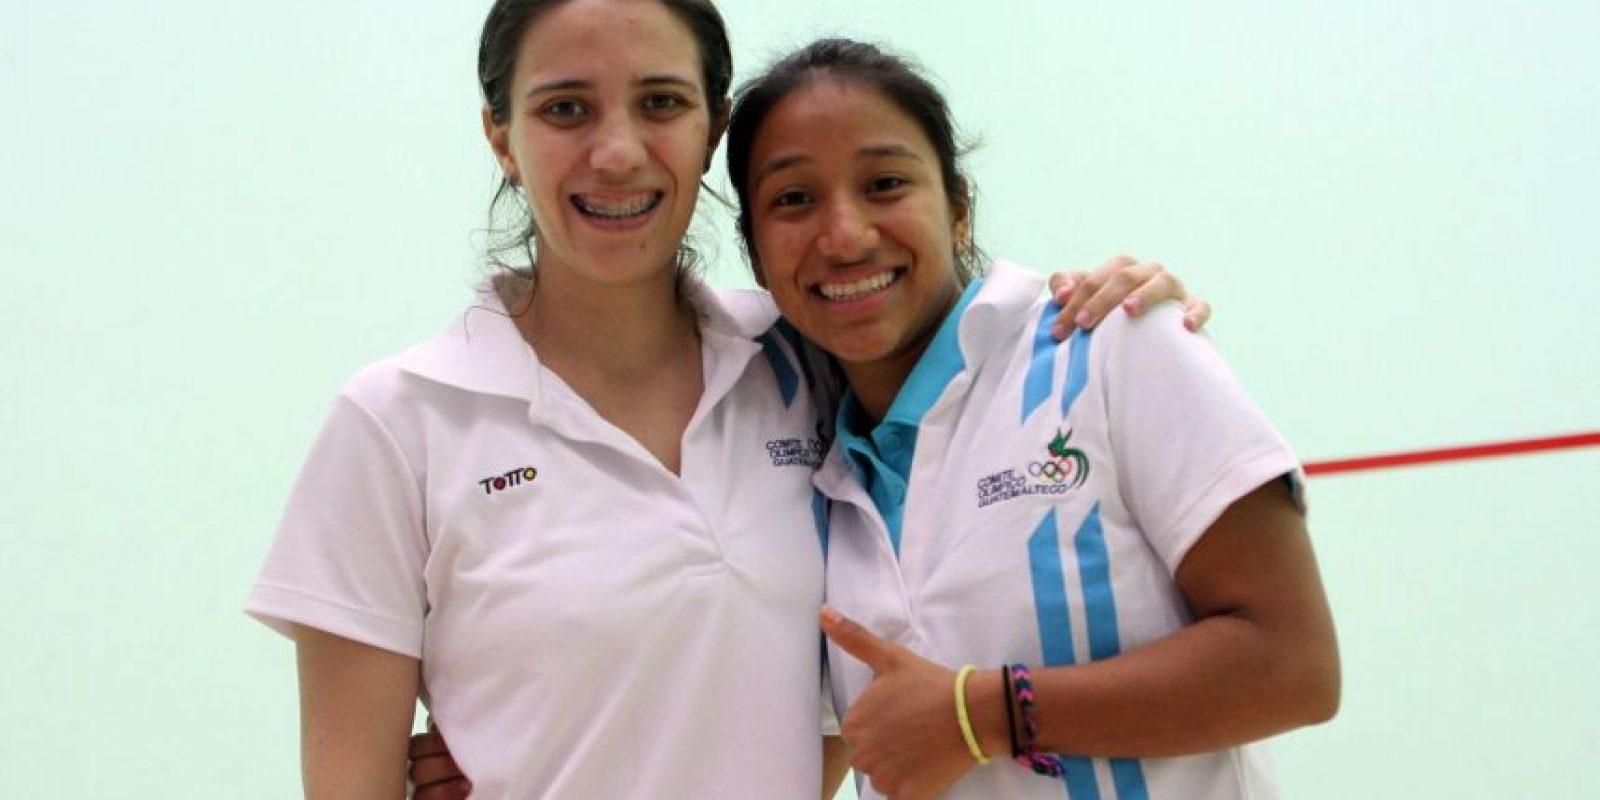 Pamela Anckerman y Winifer Bonilla, se clasificaron a las semifinales de squash. Foto:COG